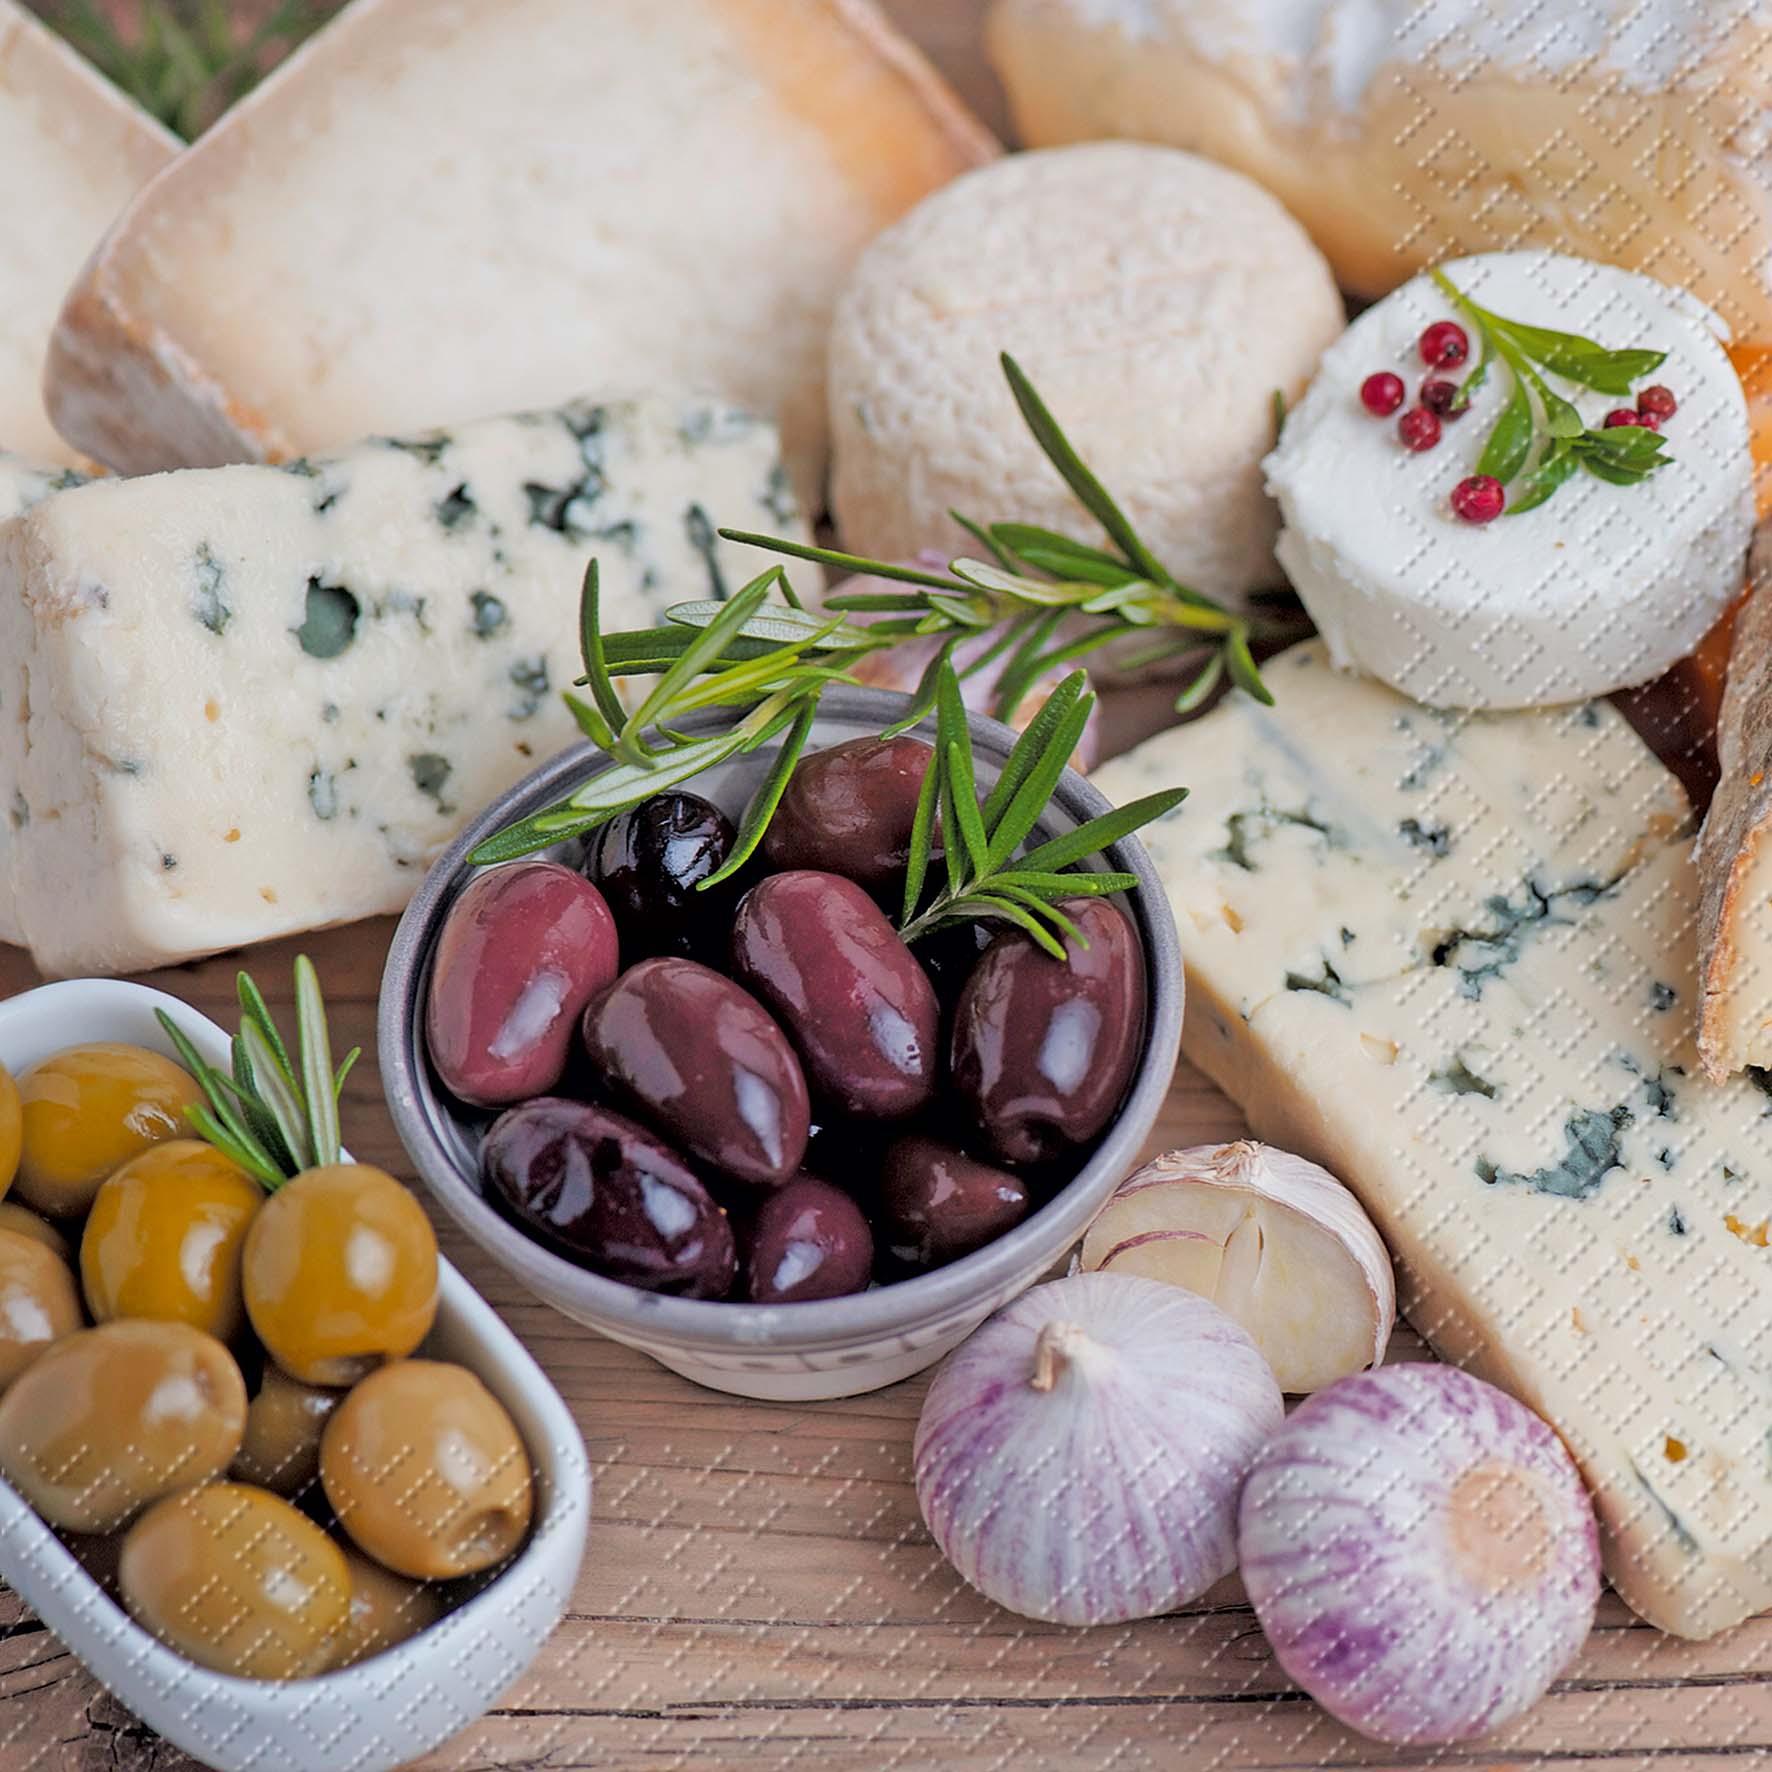 Servietten / Essen,  Früchte - Oliven,  Essen - Käse,  Everyday,  cocktail servietten,  Oliven,  Käse